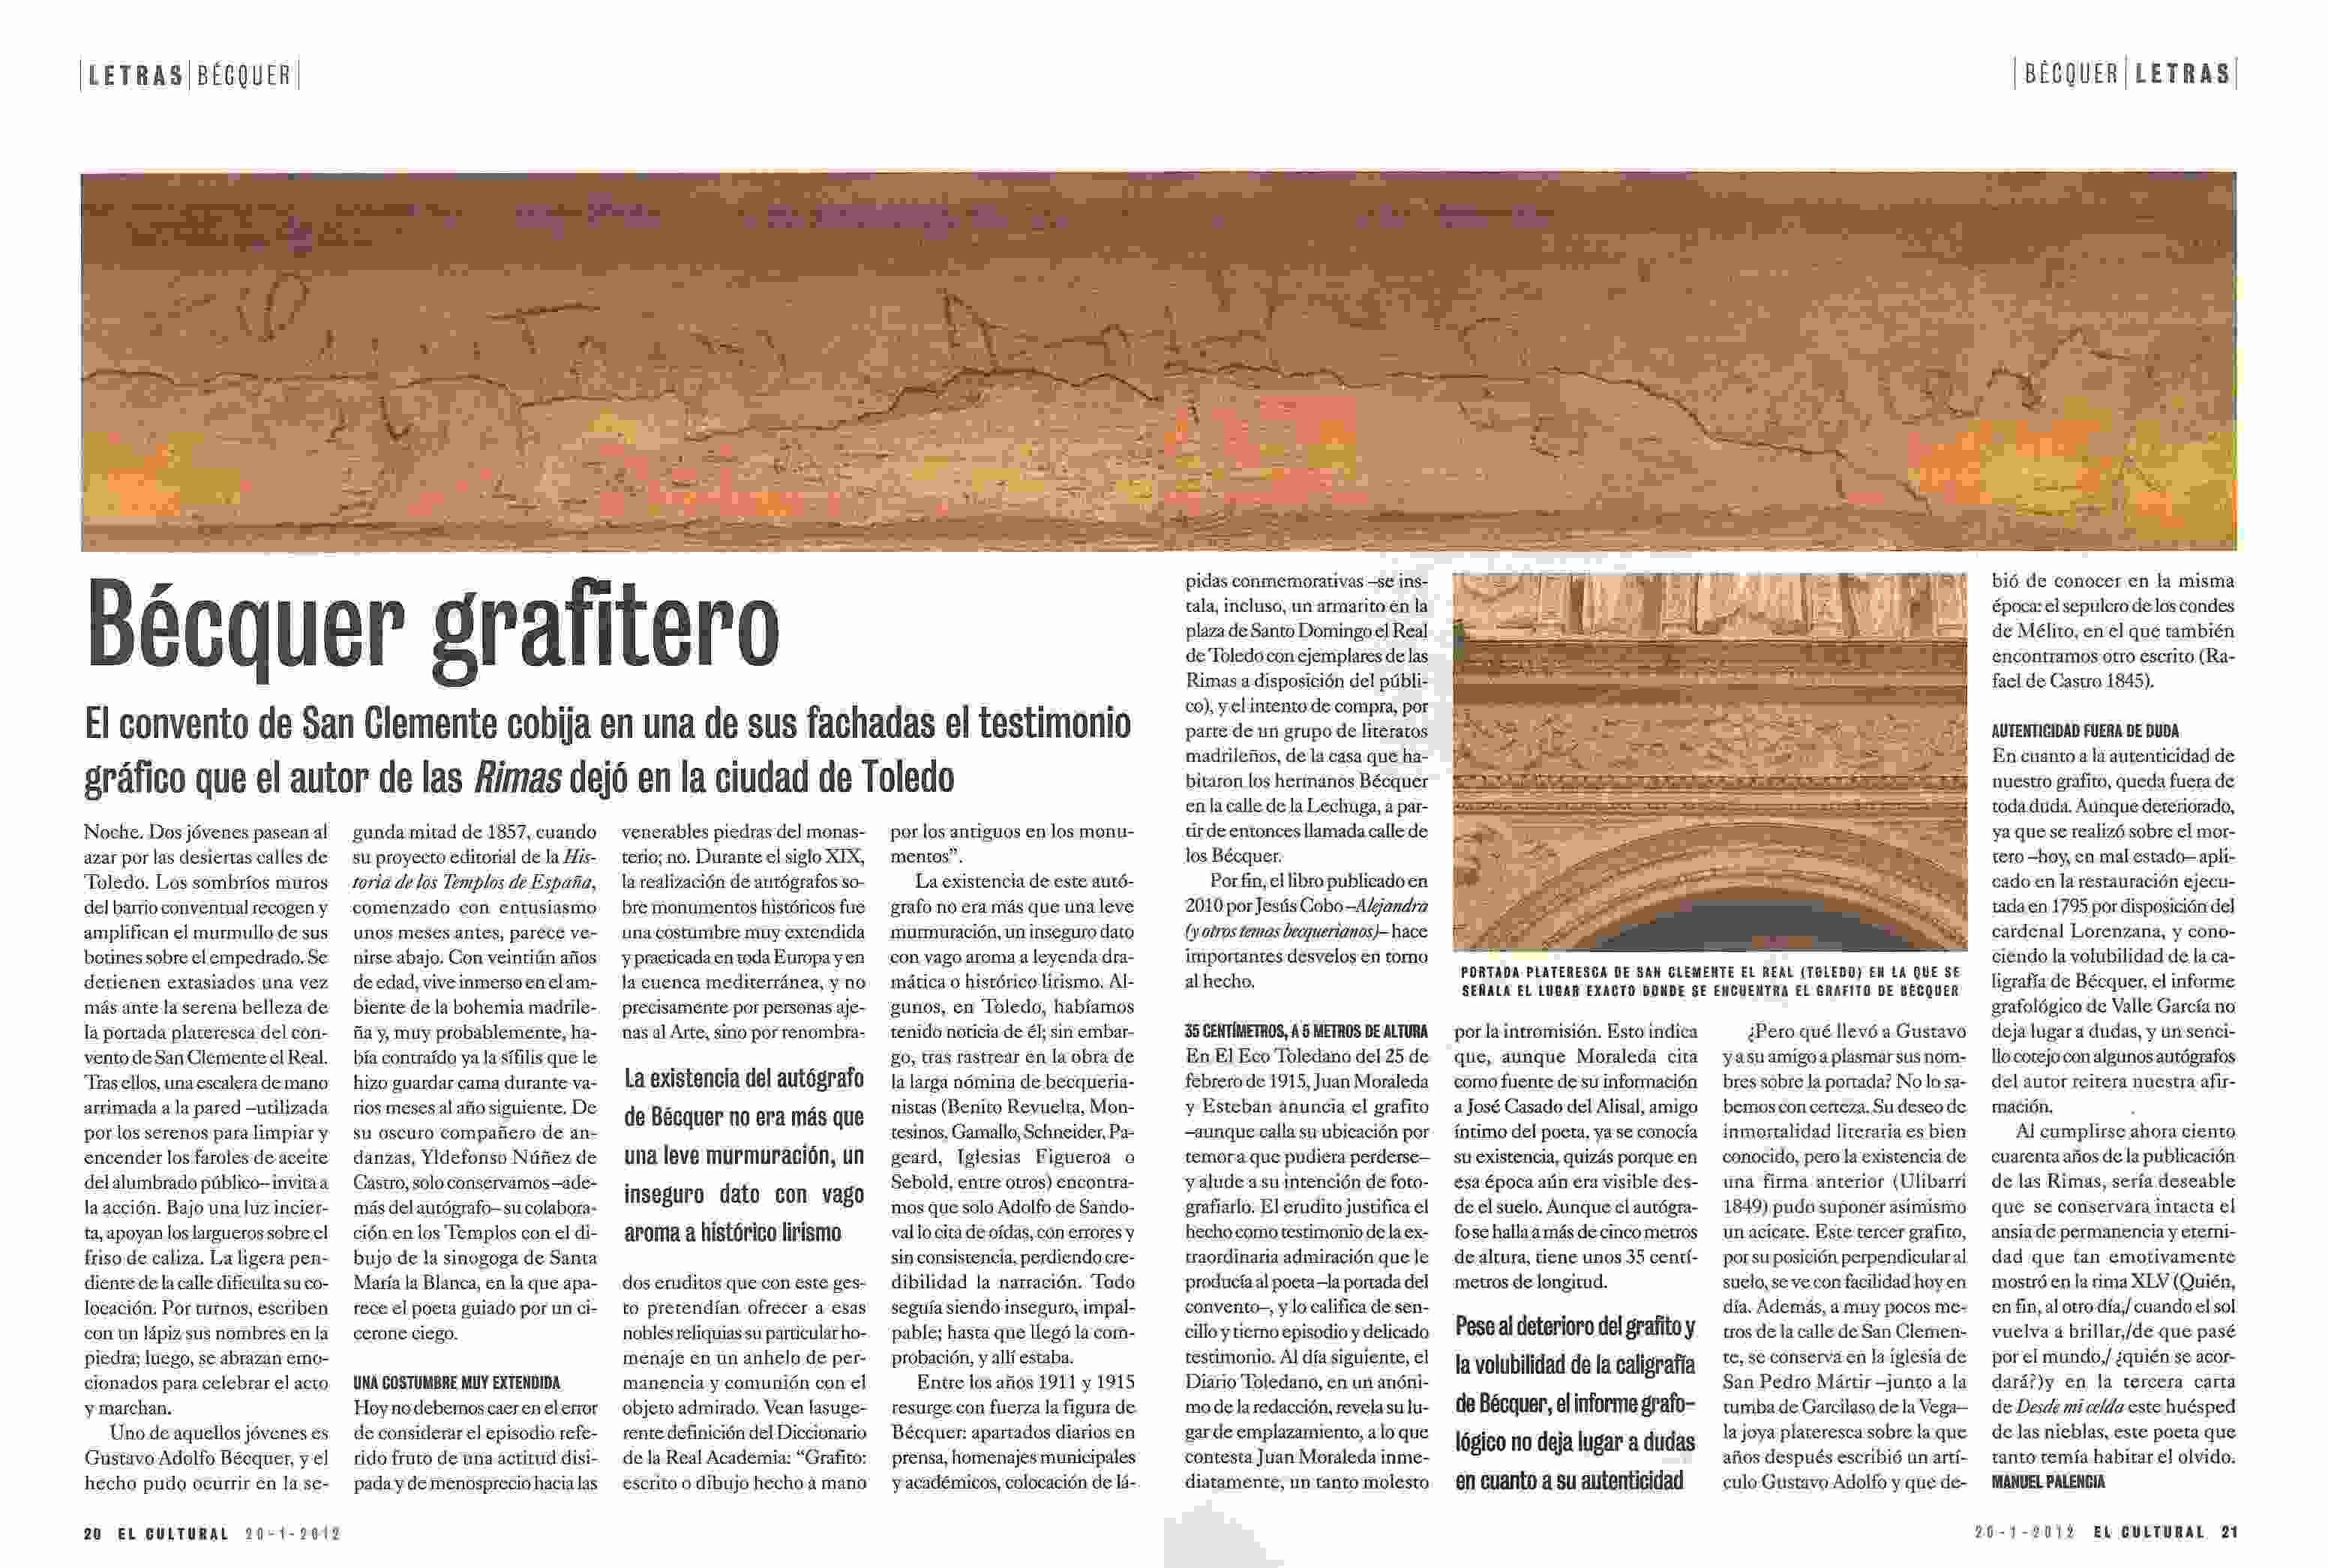 """EL CULTURAL: """"Bécquer grafitero"""", por Manuel Palencia."""